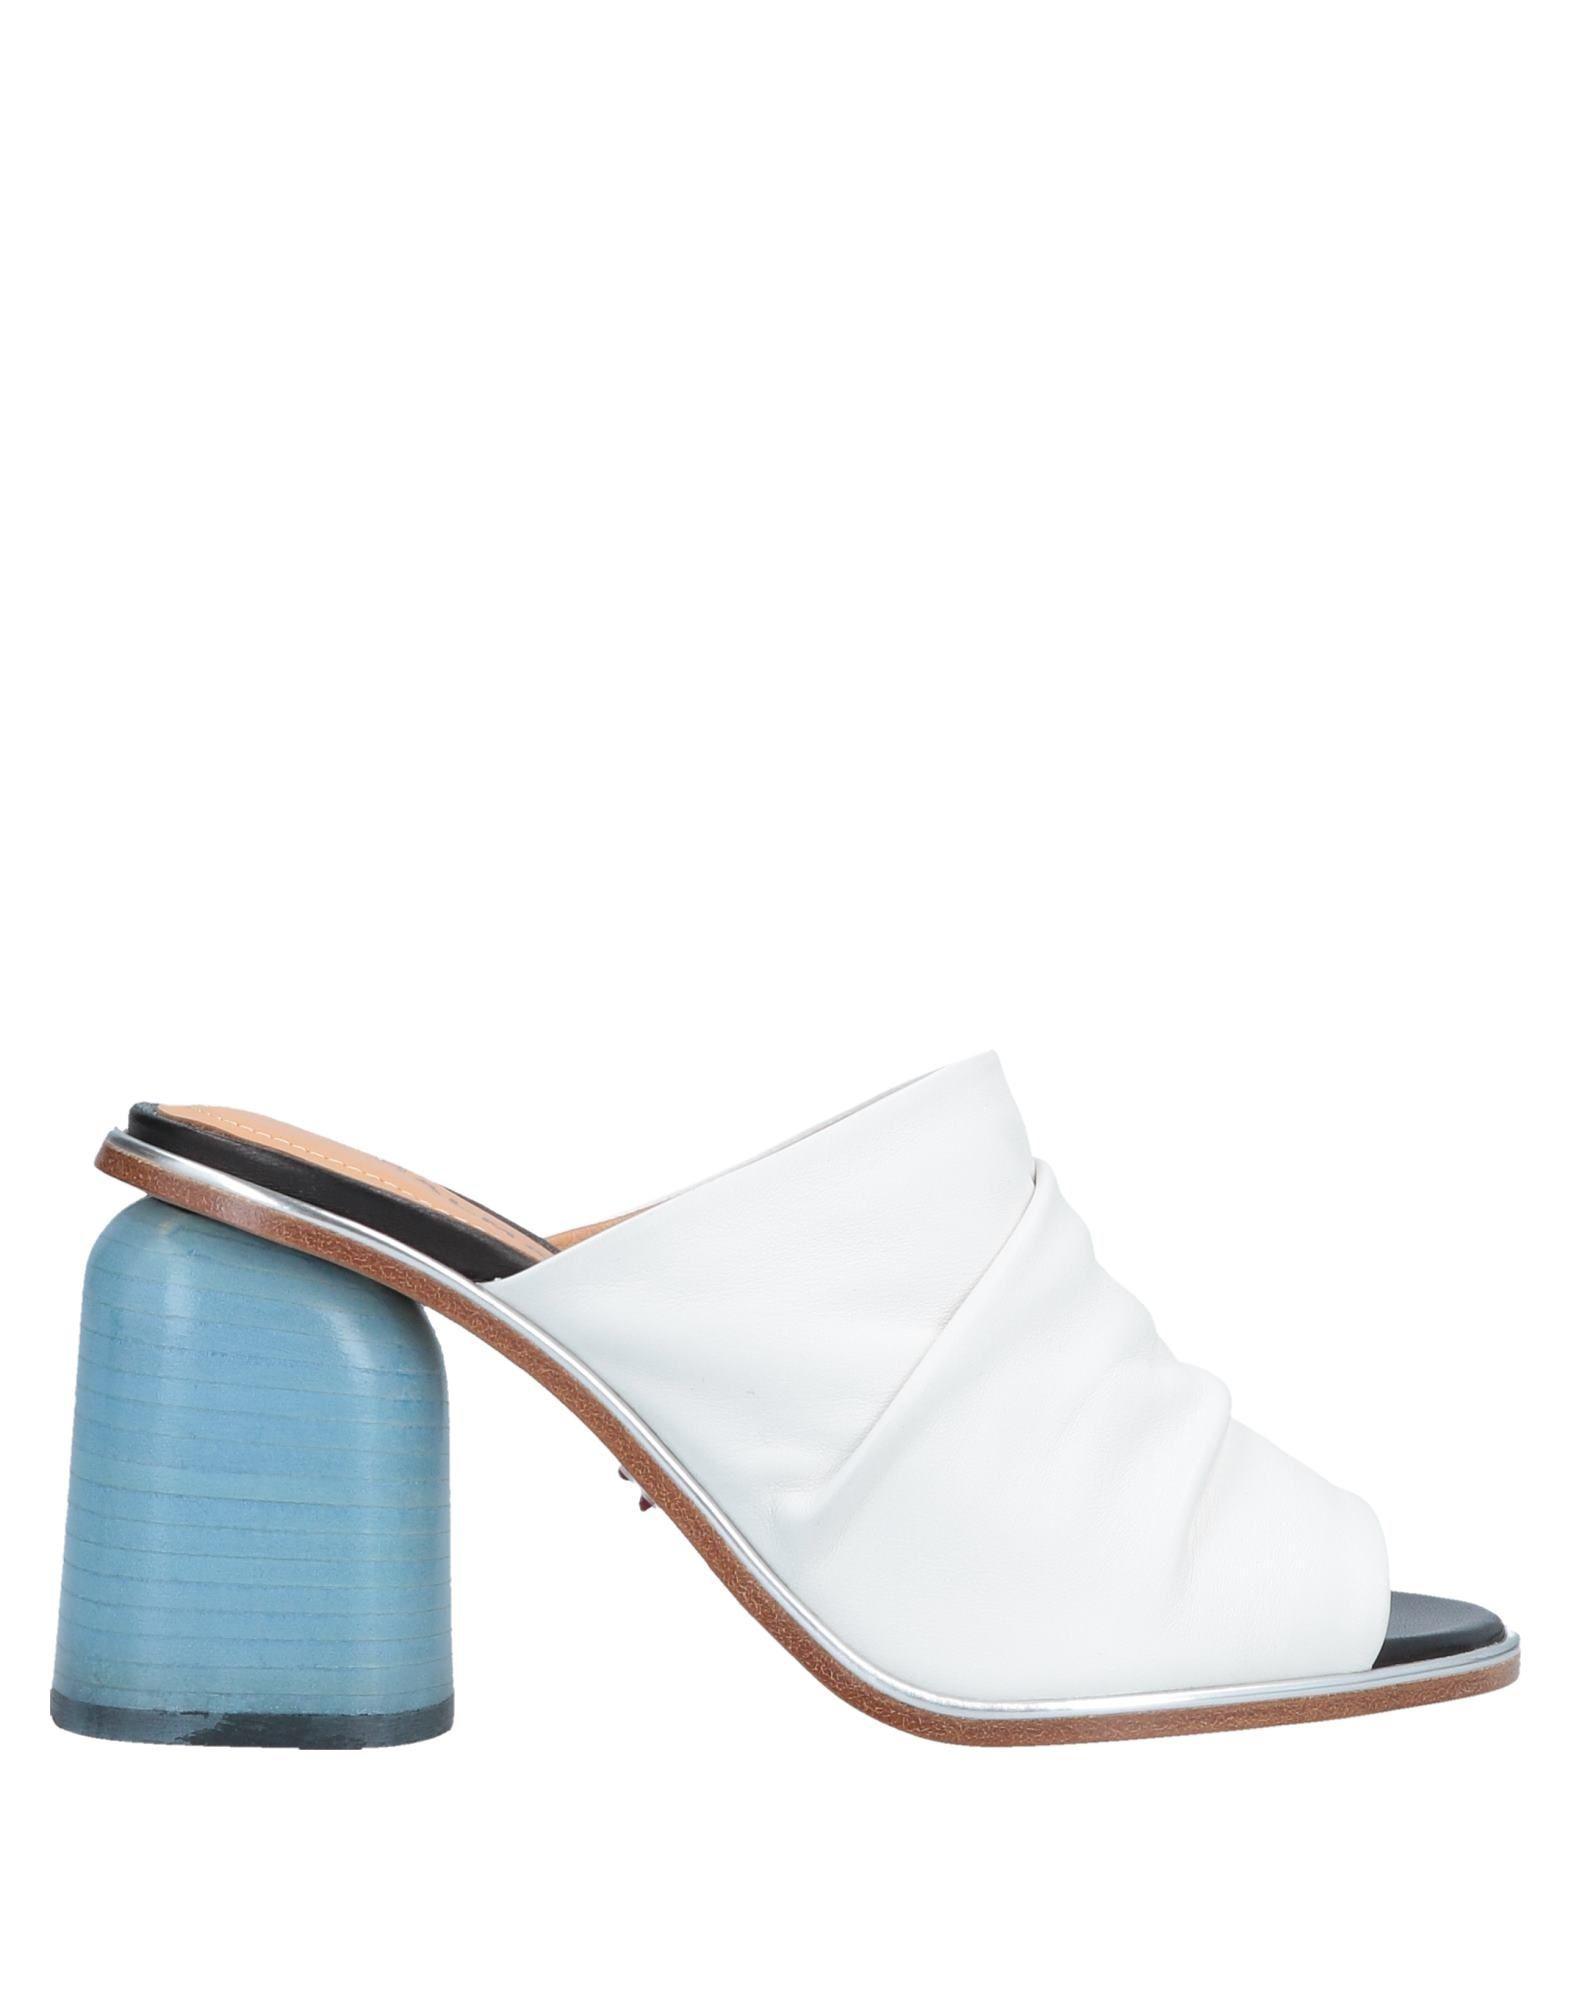 9a2676228f9 Lyst - Halmanera Sandals in White